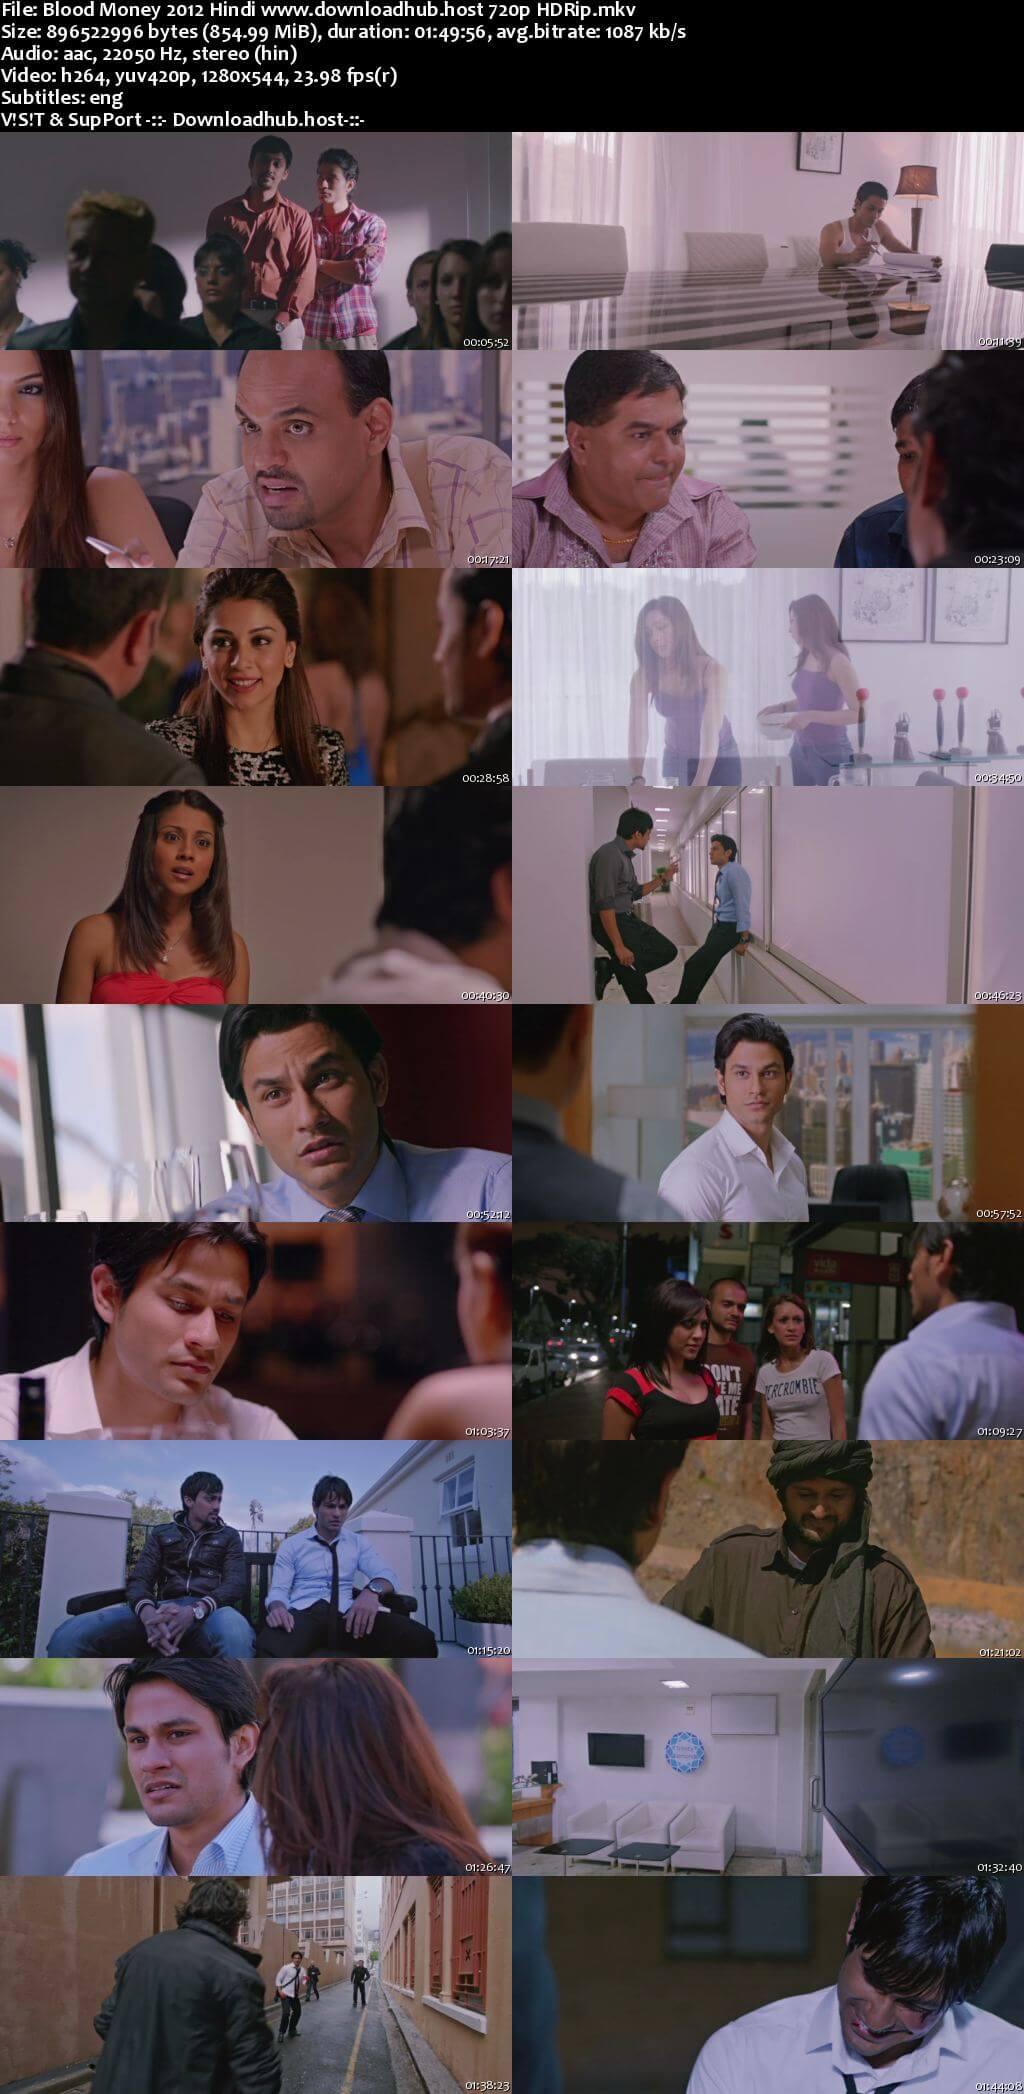 Blood Money 2012 Hindi 720p HDRip ESubs